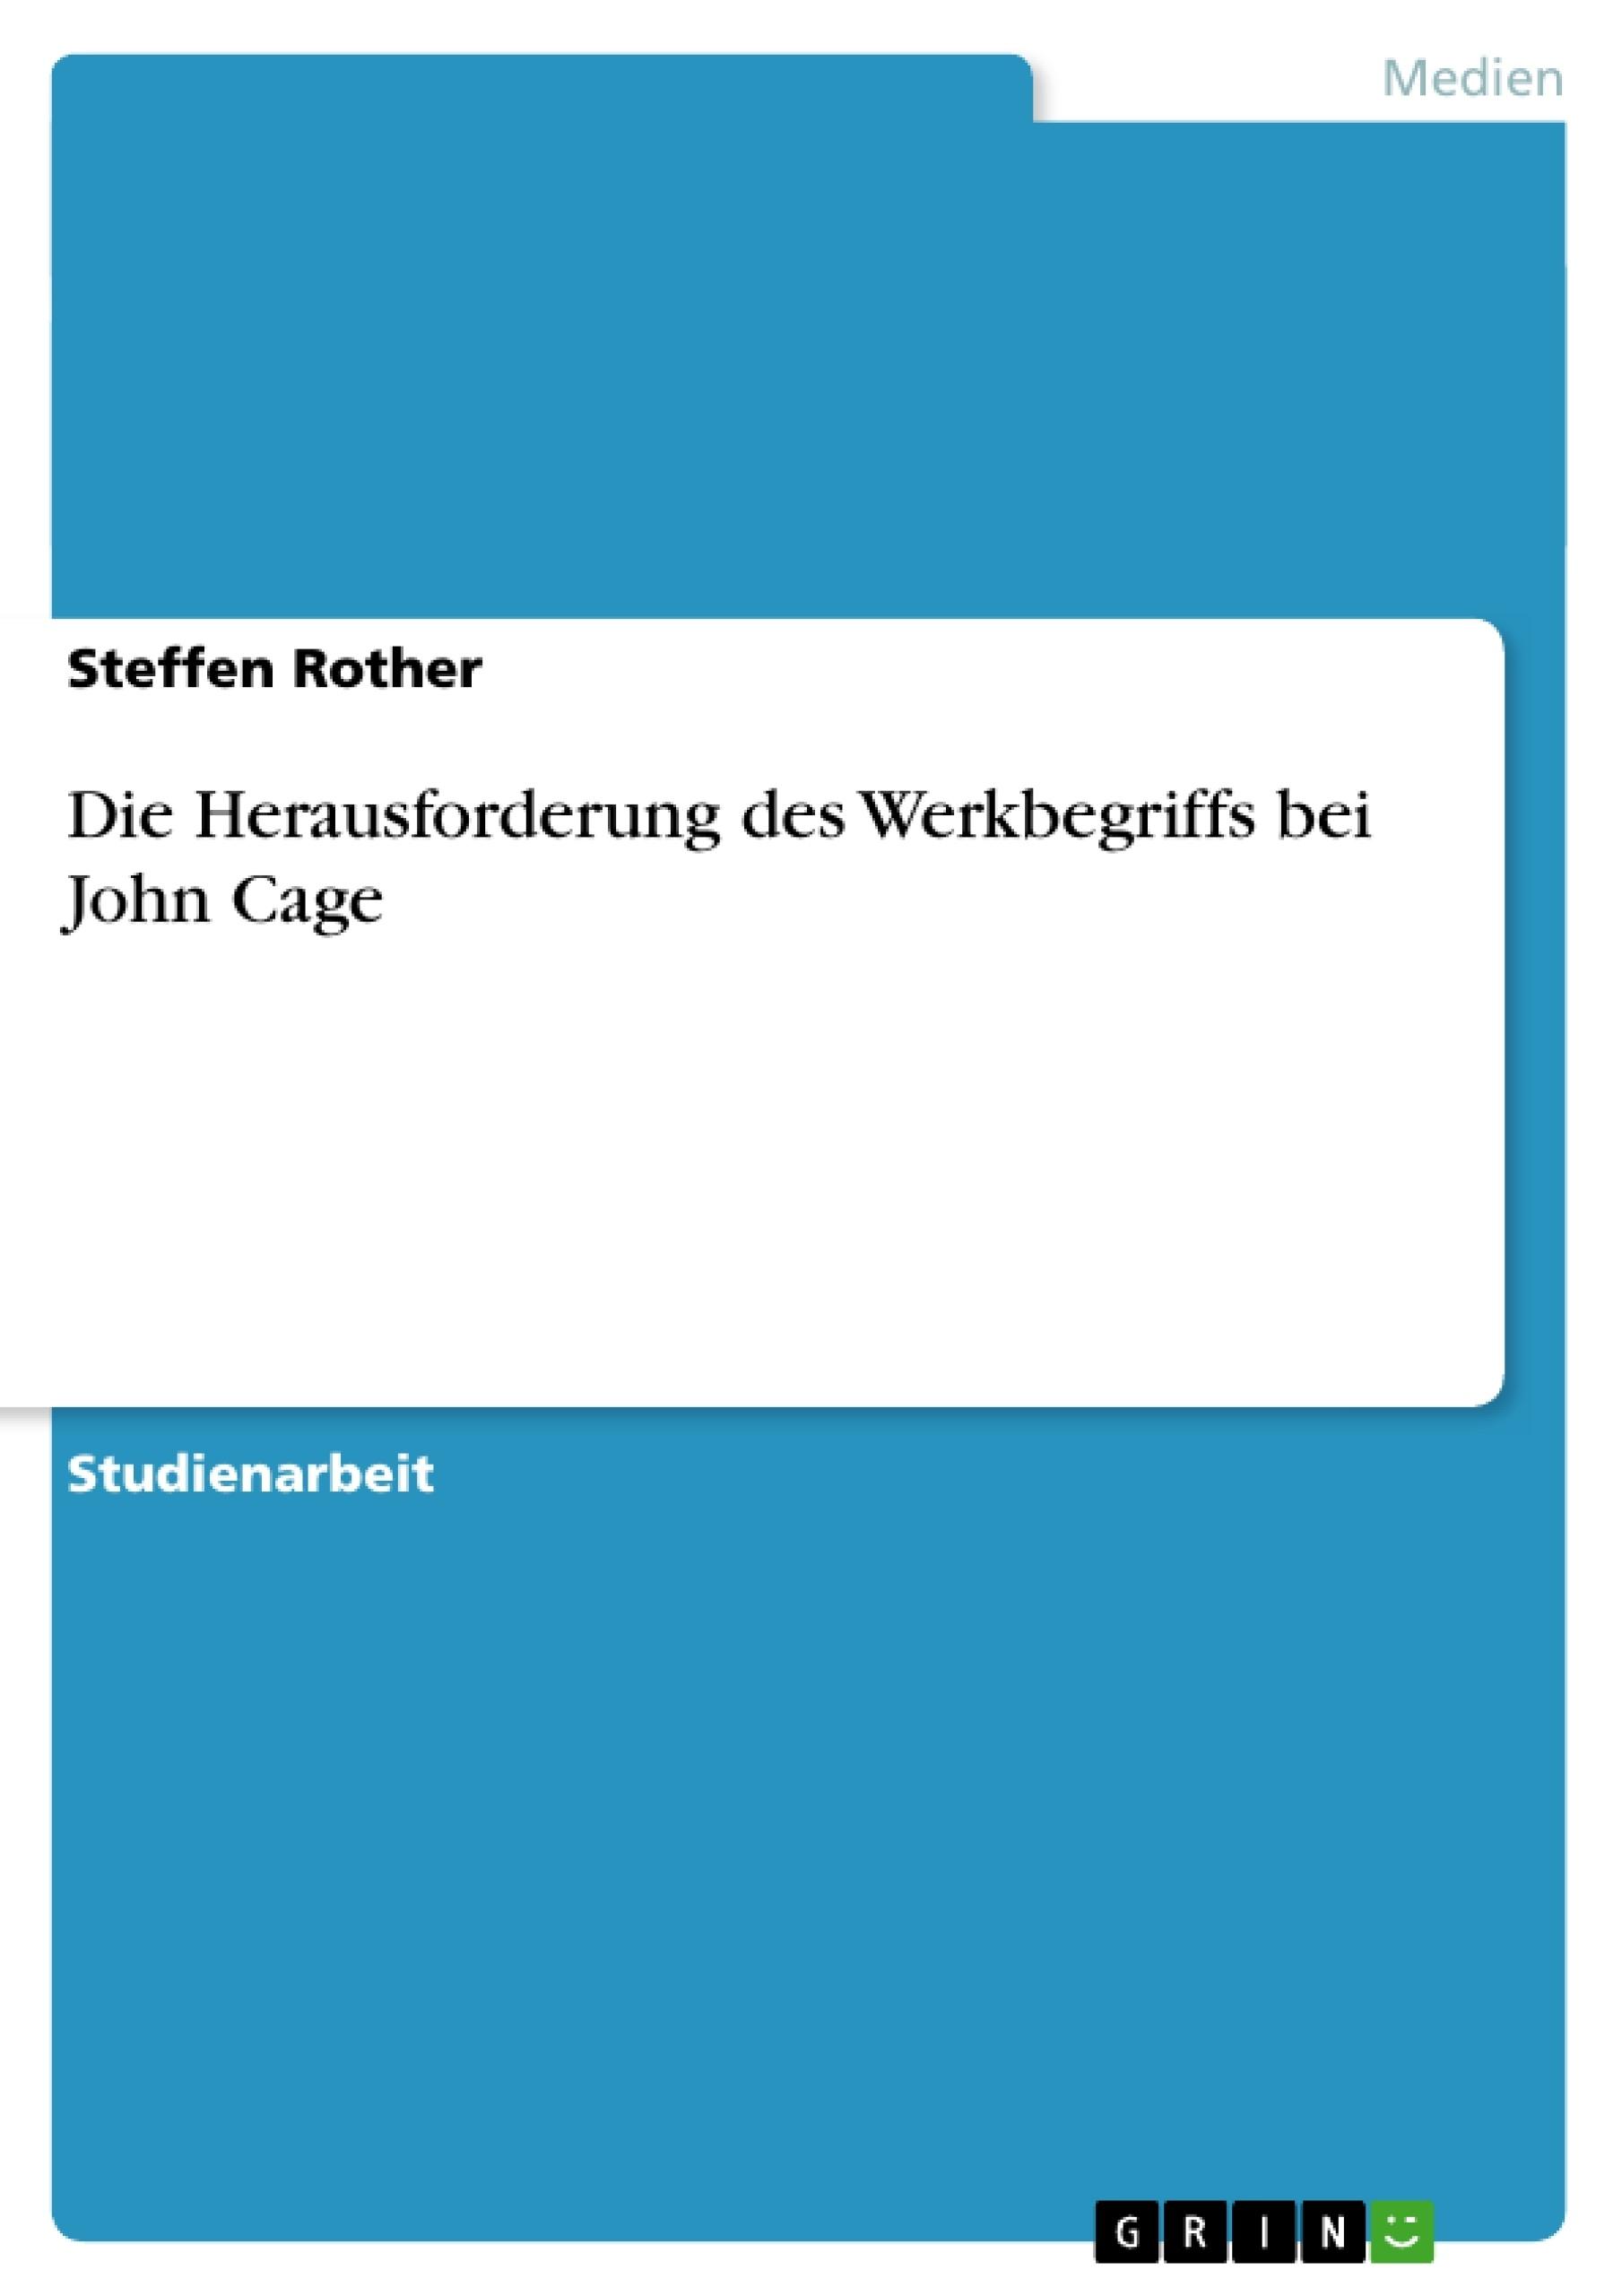 Titel: Die Herausforderung des Werkbegriffs bei John Cage